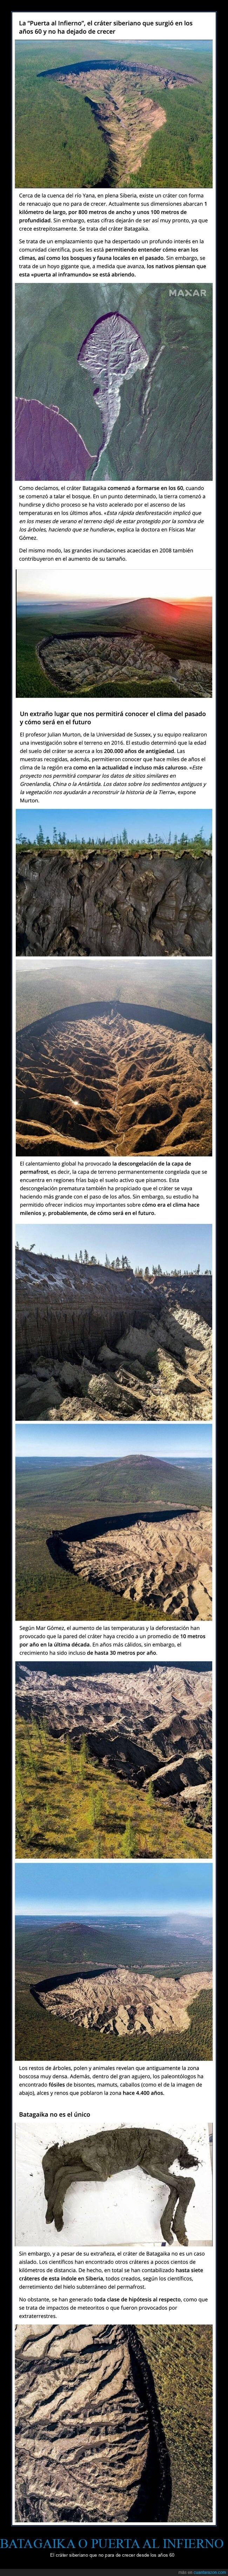 batagaika,cráter,crecer,curiosidades,siberia